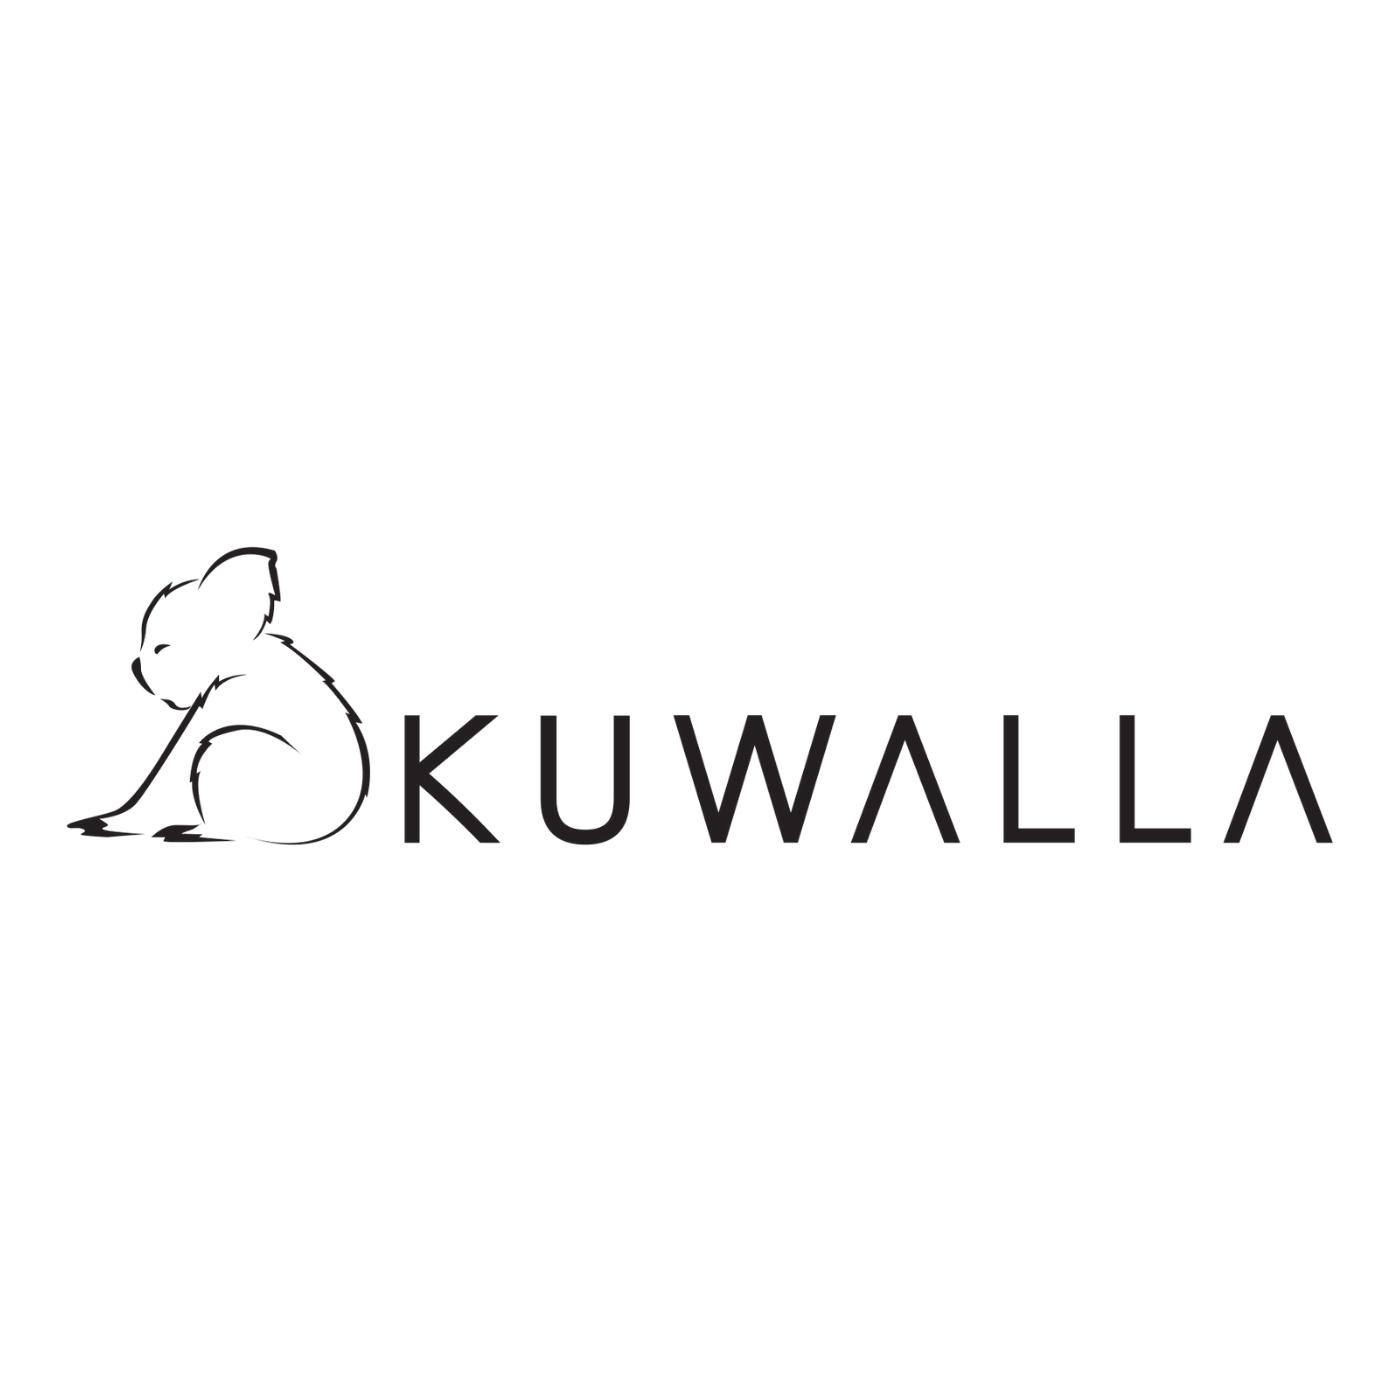 Kuwalla Tee Logo